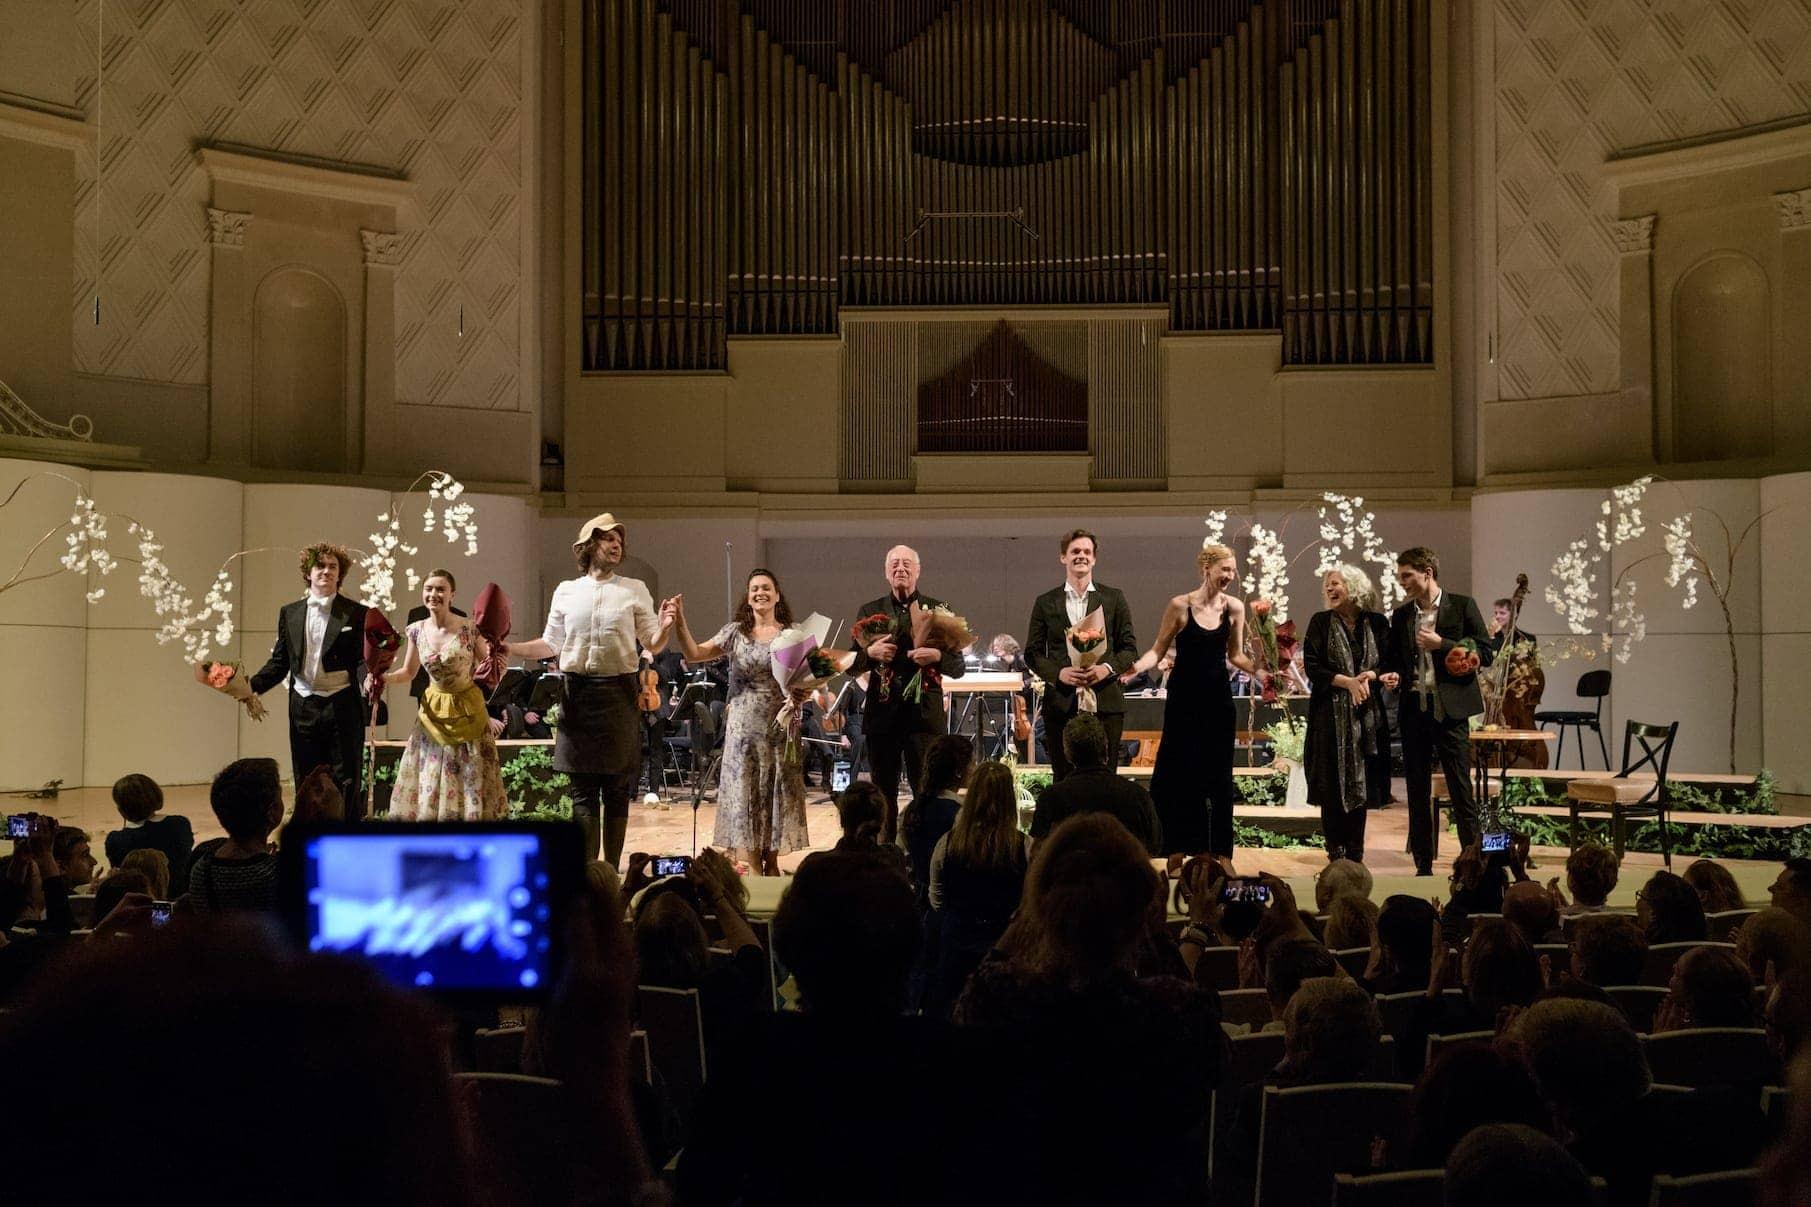 Опера Моцарта «Мнимая садовница». «Les Arts Florissants» и академия молодых певцов «Le Jardin des Voix». Дирижёр — Уильям Кристи. Фото - пресс-служба МГАФ